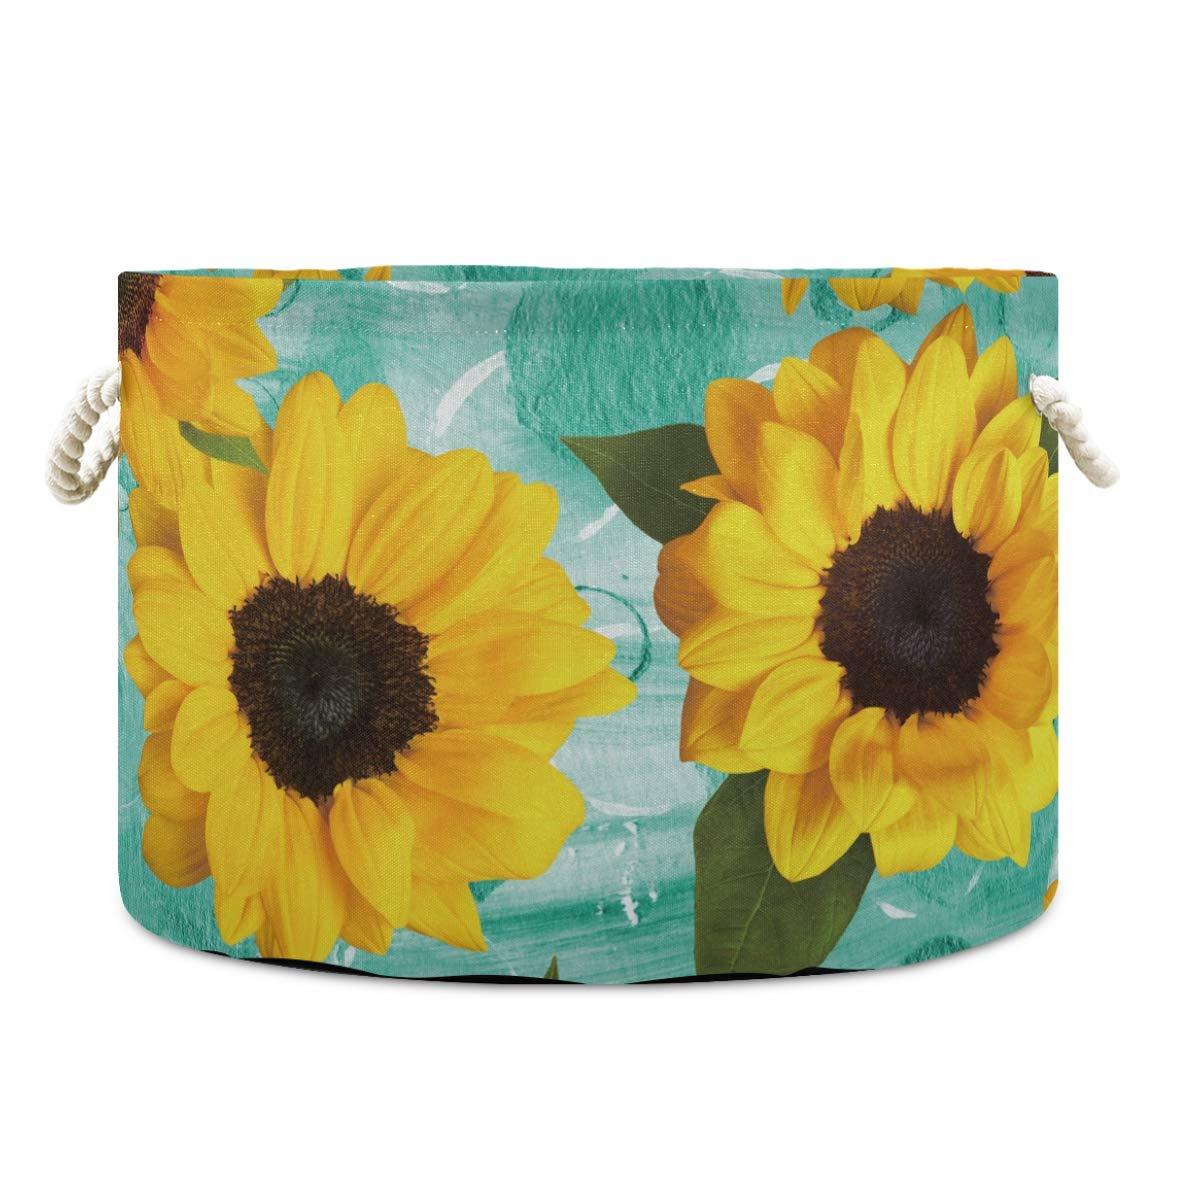 Canvas Storage Bins Sunflower Flora Toy Hamper Round Organizer Basket Laundry Nursery Hamper Storage Basket with Handle 2020102